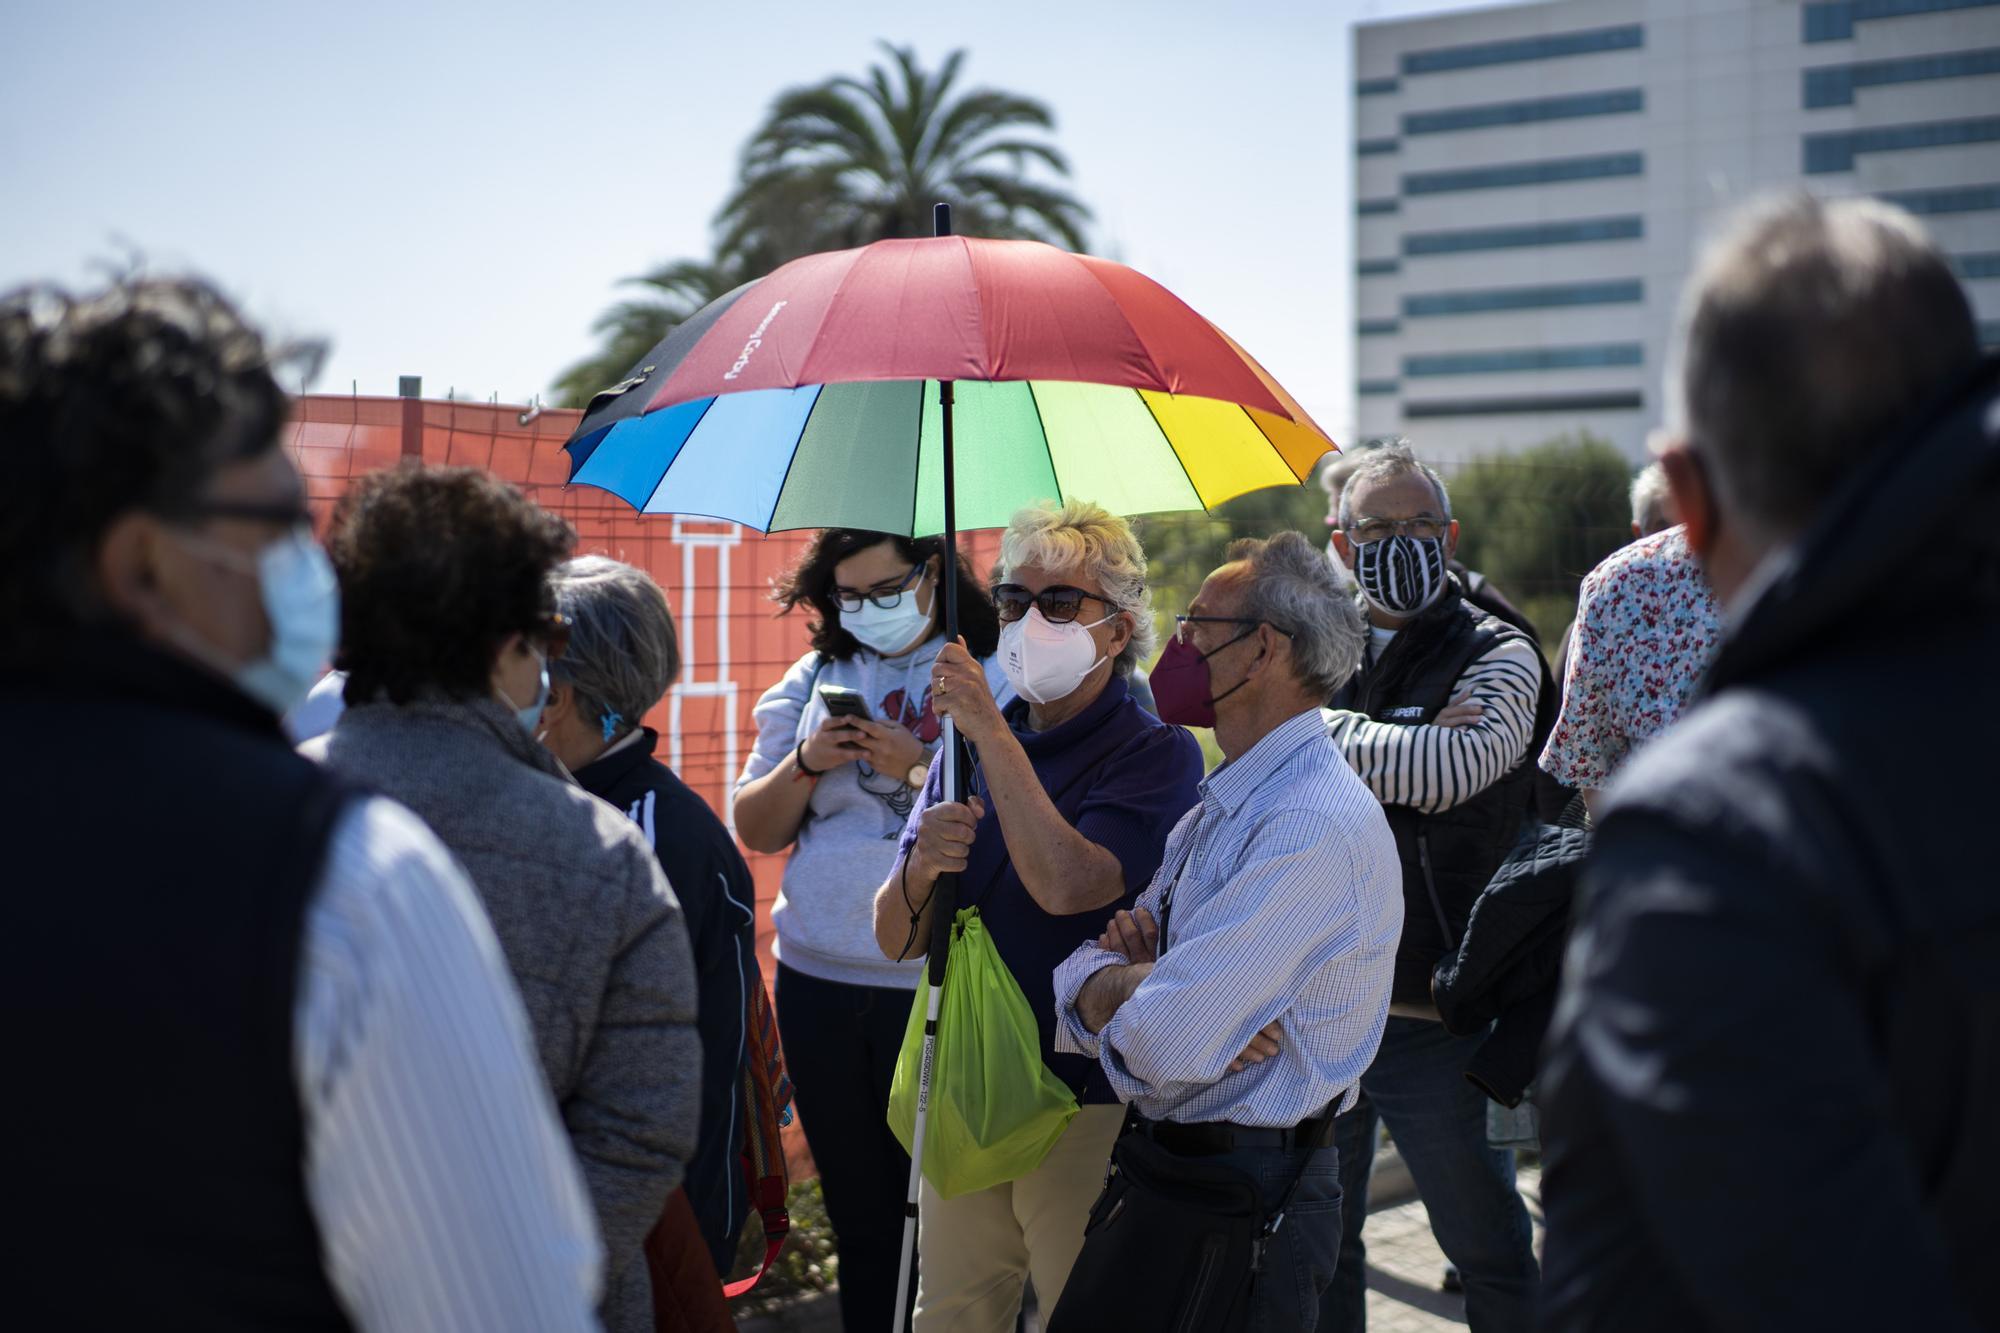 Largas colas al sol para vacunarse contra la COVID-19 en el hospital de campaña de La Fe